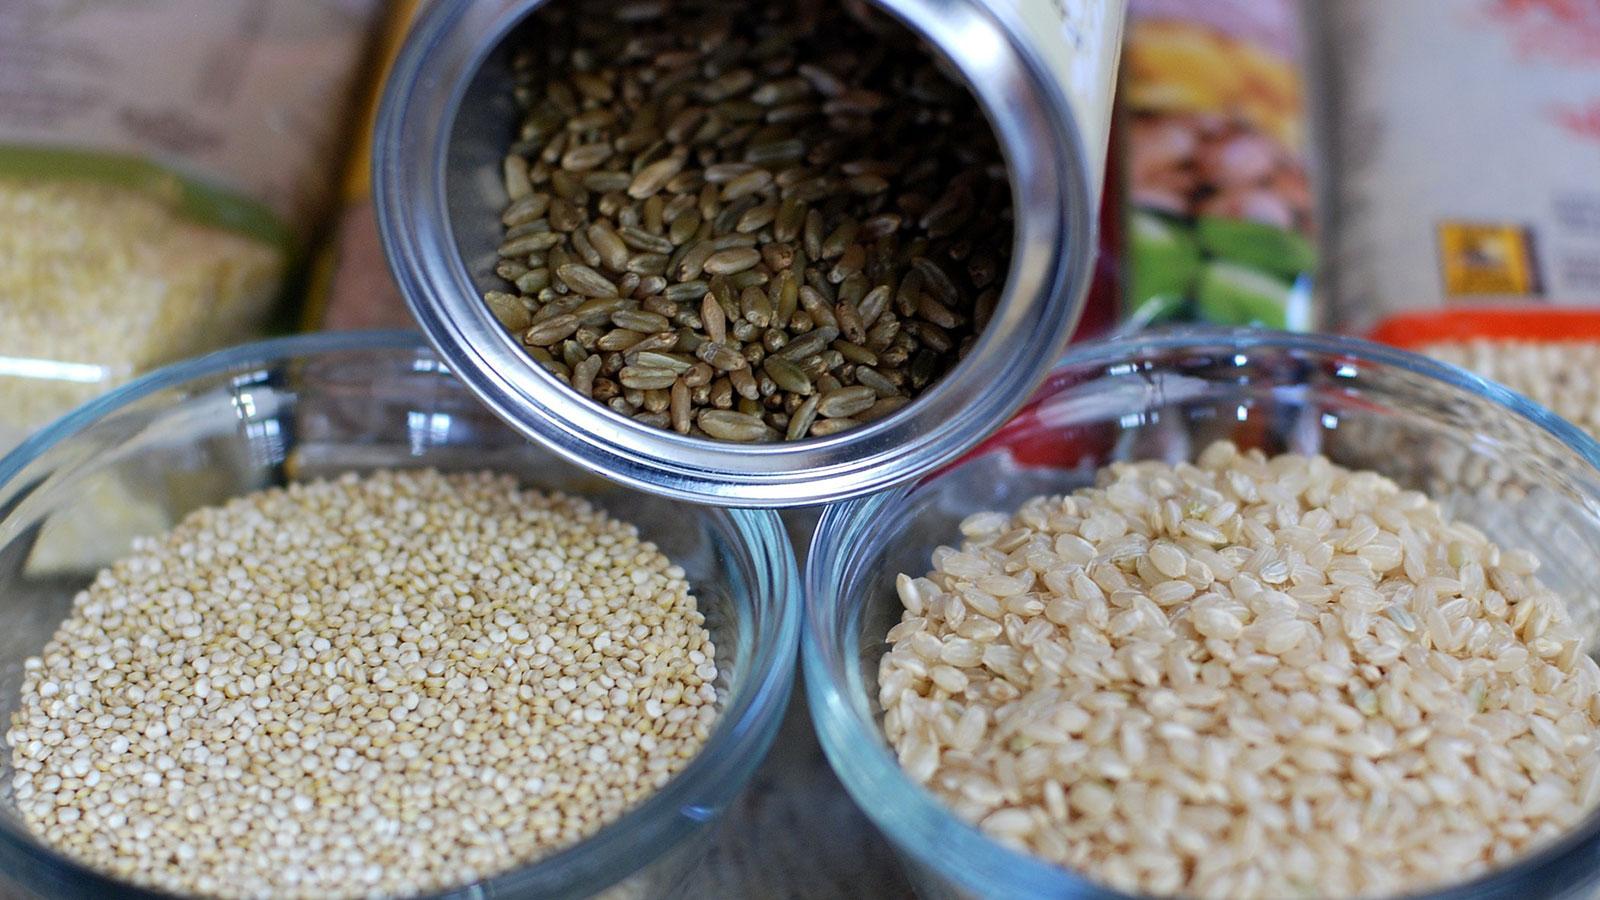 ¿Cómo aumentar el consumo de fibra en tu dieta? La fibra y sus beneficios